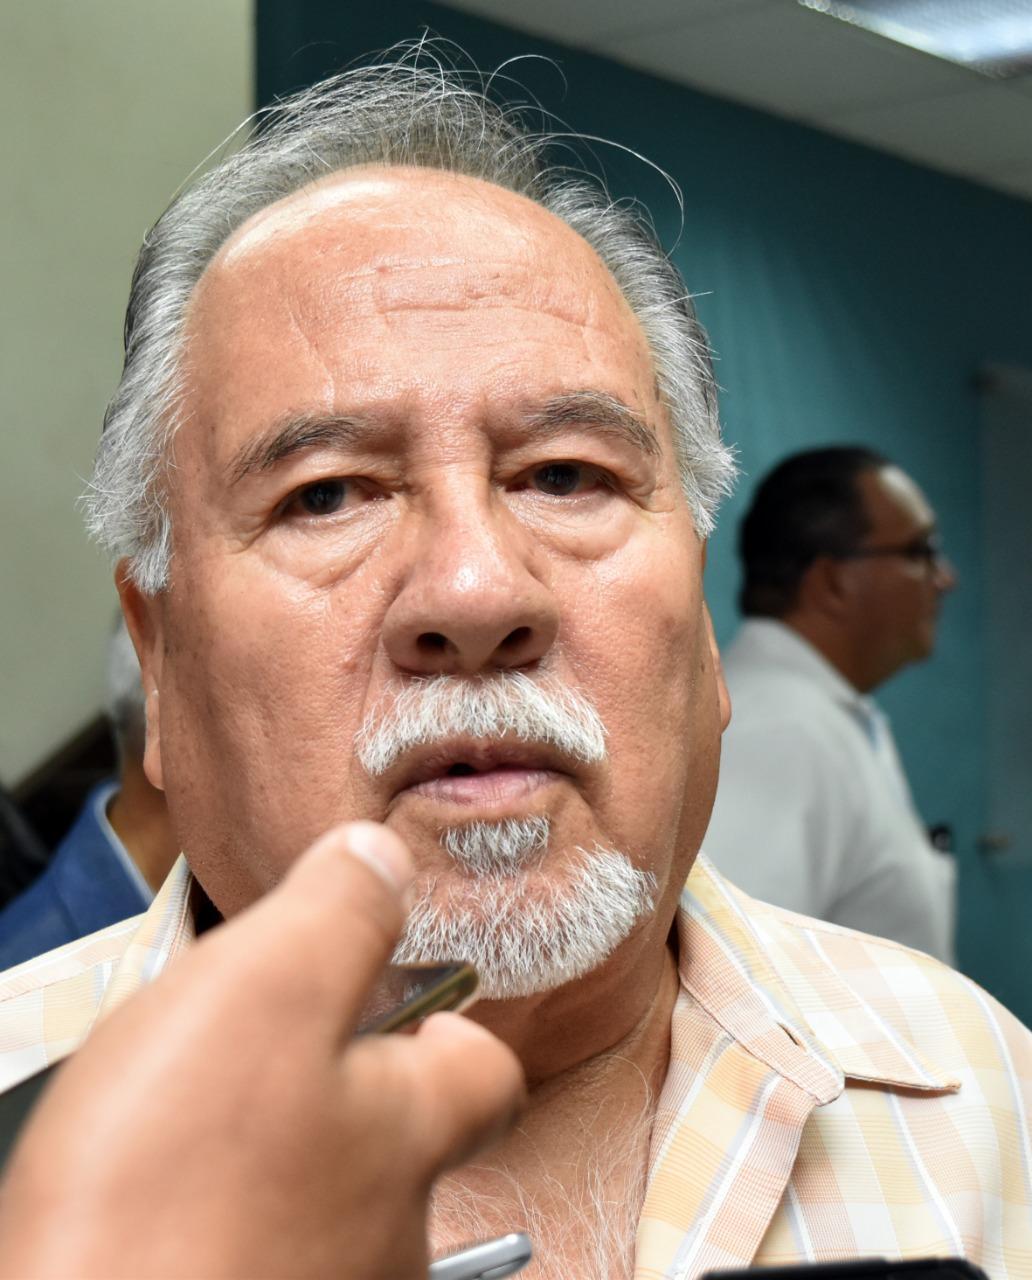 No hubo nada que pusiera en riesgo el trabajo de Jumapam: Ismael Tiznado Ontiveros